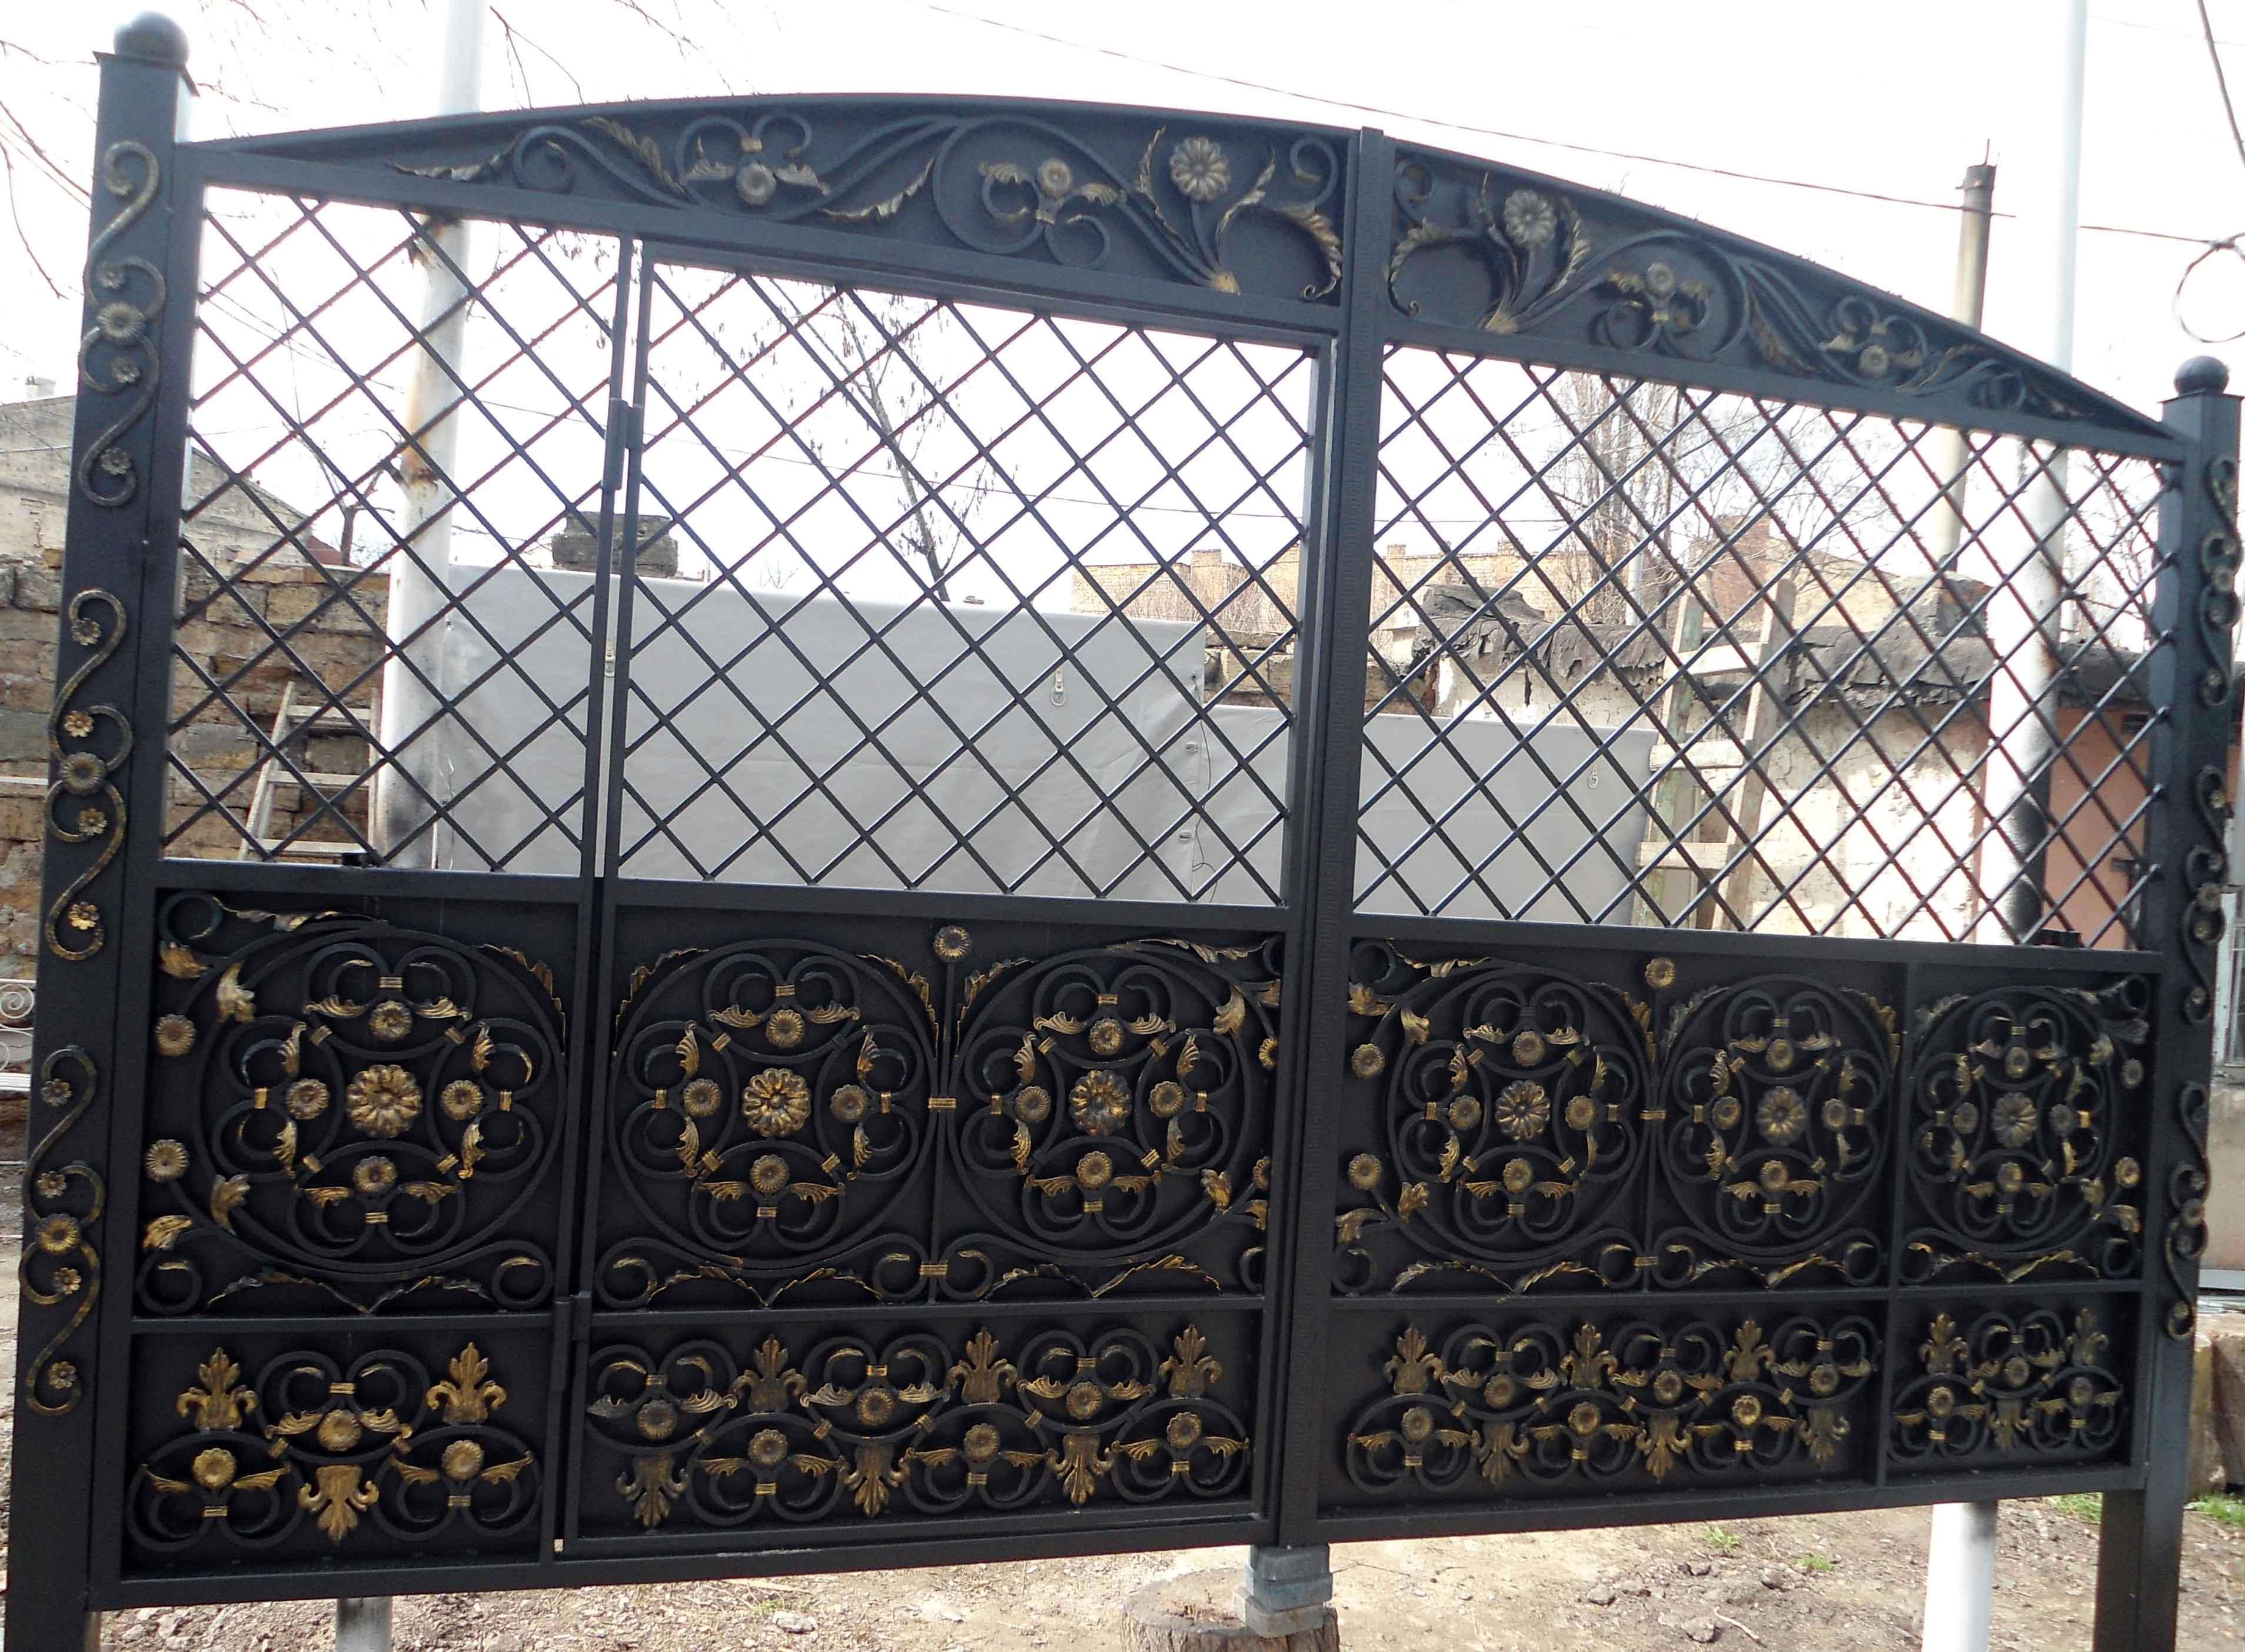 откатные ворота одесса, глухие ворота одесса, ворота из металла одесса, металлические ворота одесса, кованые ворота одесса, сварные ворота одесса, ворота одесса, гаражные ворота одесса, ворота из профнастила одесса, ажурные ворота одесса, откатные ворота, глухие ворота, ворота из металла, металлические ворота, кованые ворота, сварные ворота, ворота, гаражные ворота, ворота из профнастила, ажурные ворота, откатные ворота украина, глухие ворота украина, ворота из металла украина, металлические ворота украина, кованые ворота украина, сварные ворота украина, ворота украина, гаражные ворота украина, ворота из профнастила украина, ажурные ворота украина, откатные ворота одесса, Ворота Одесса, въездные ворота одесса, распашные ворота одесса, гаражные ворота одесса, ворота на гараж Одесса, глухие ворота одесса, ворота из металла одесса, Ворота из профнастила одесса, металлические ворота одесса, кованые ворота одесса, сварные ворота одесса, простые ворота одесса, красивые ворота одесса, ажурные ворота одесса